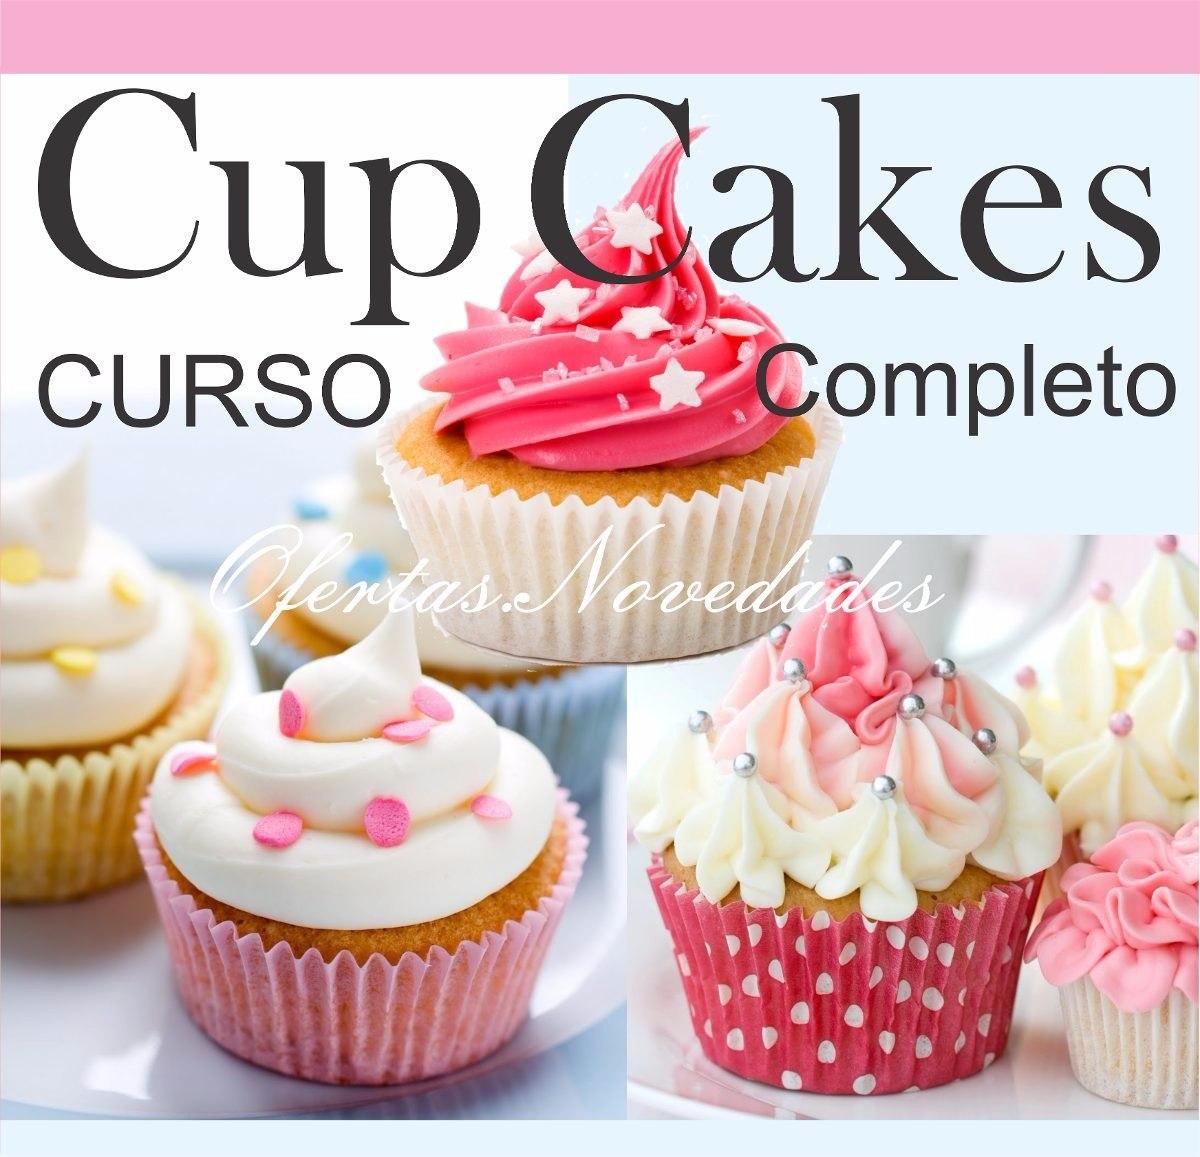 Manual de decoraci n de cupcakes preparaci n recetas y for Decoracion en cupcakes